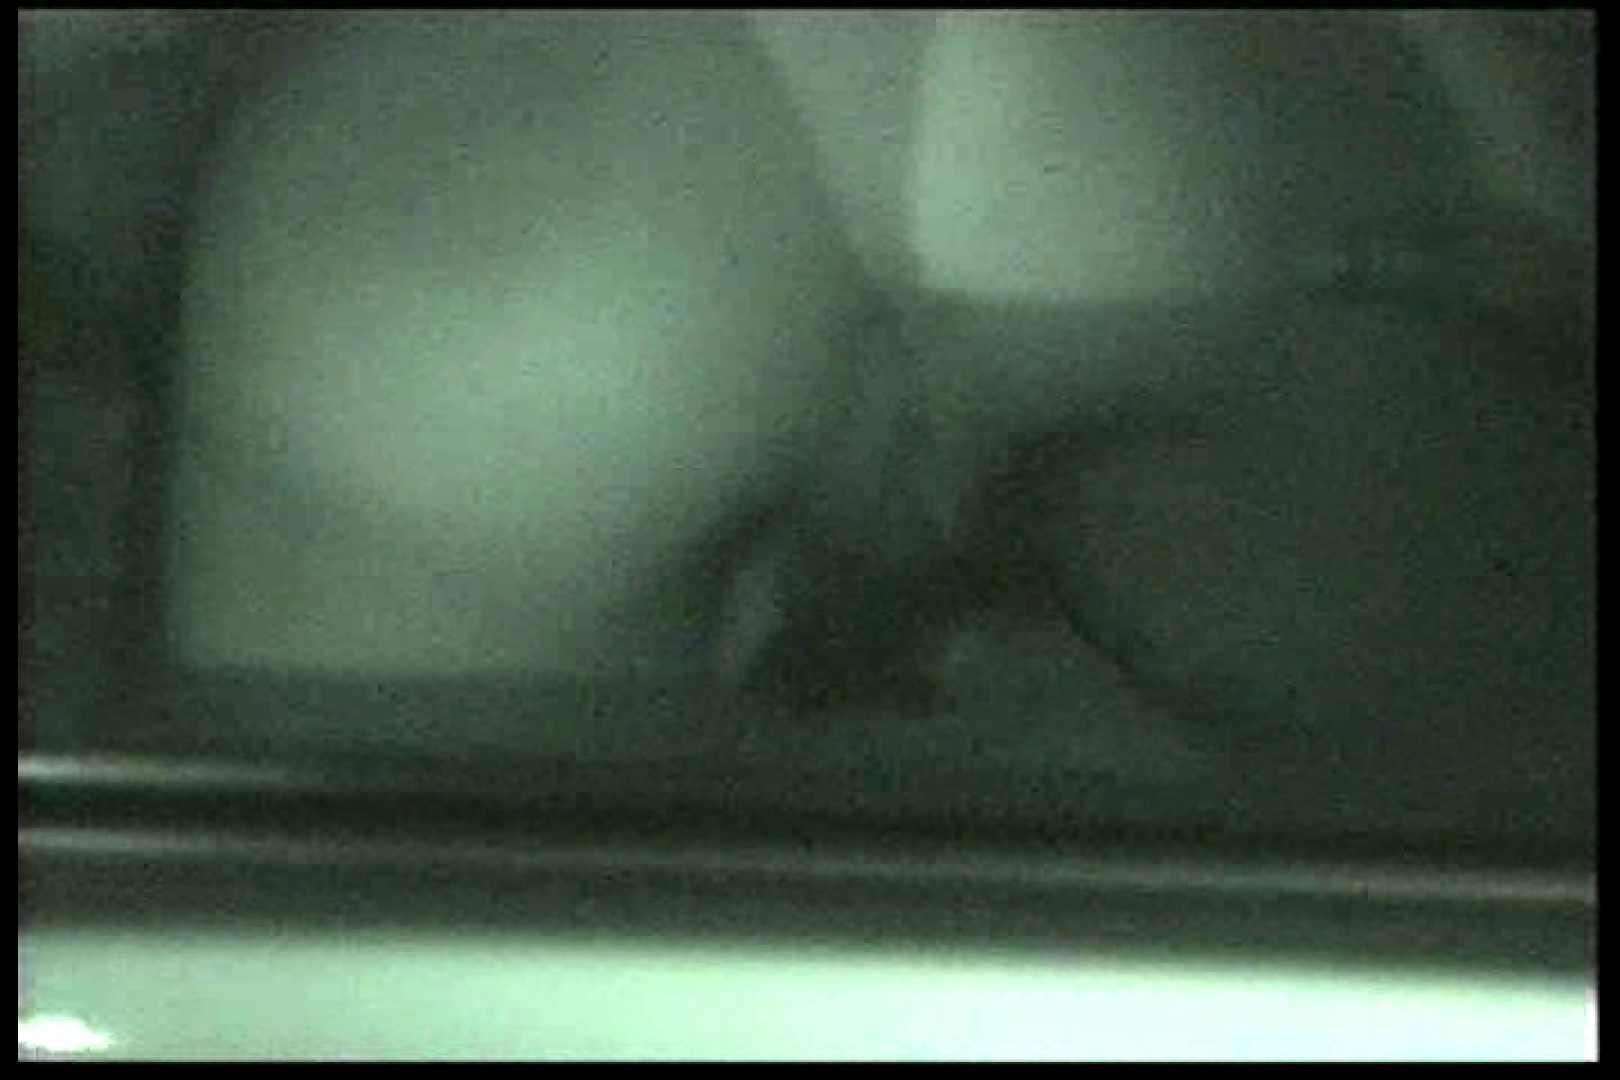 車の中はラブホテル 無修正版  Vol.15 ラブホテル 盗撮ヌード画像 89pic 27